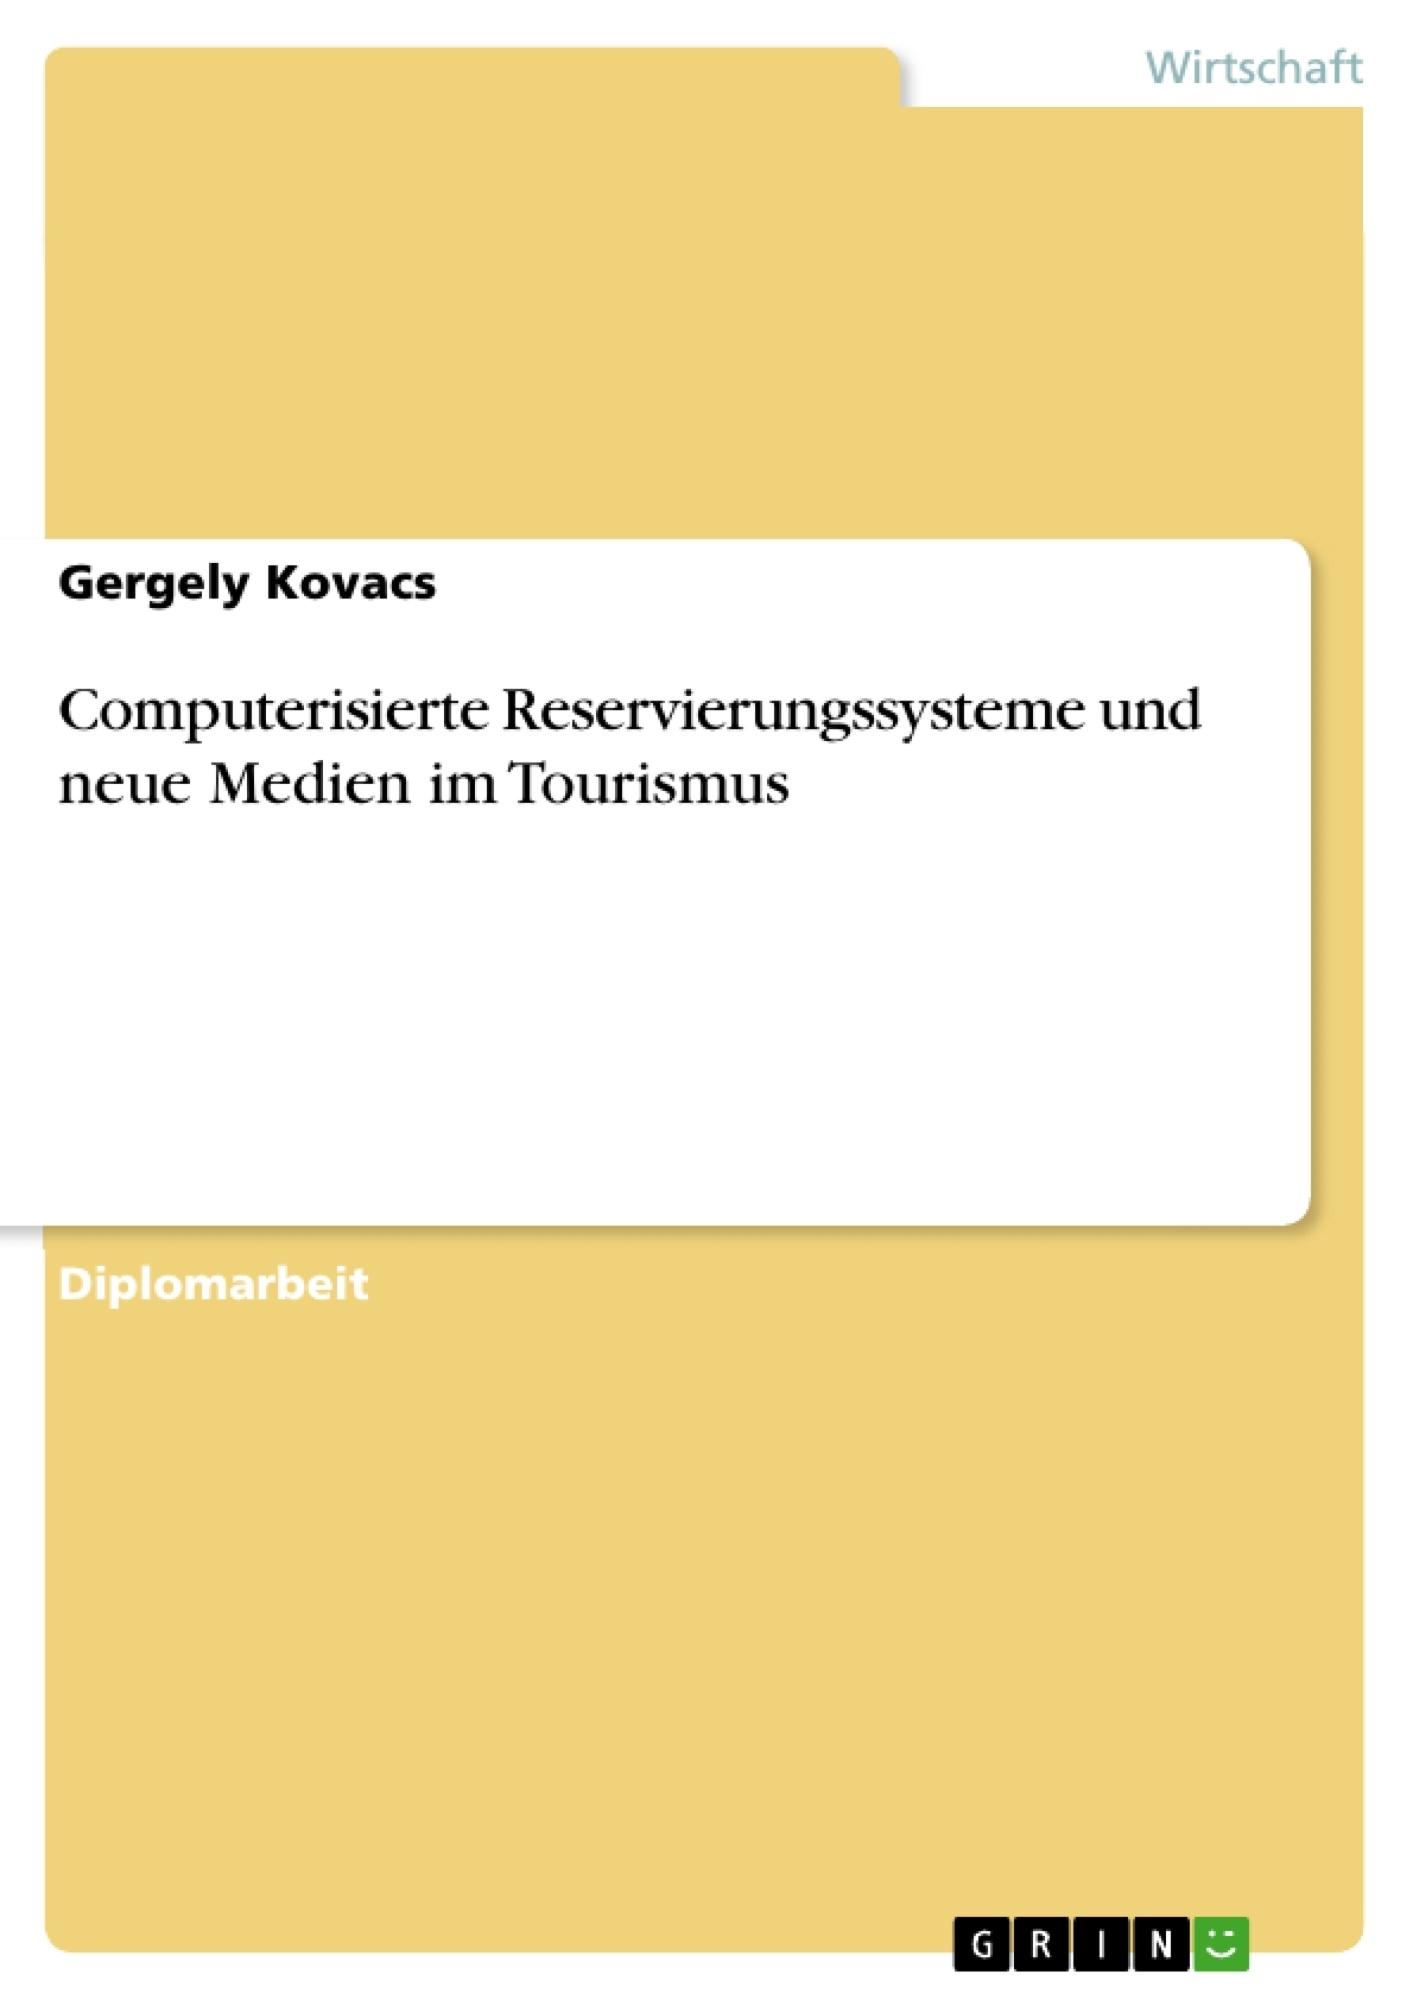 Titel: Computerisierte Reservierungssysteme und neue Medien im Tourismus